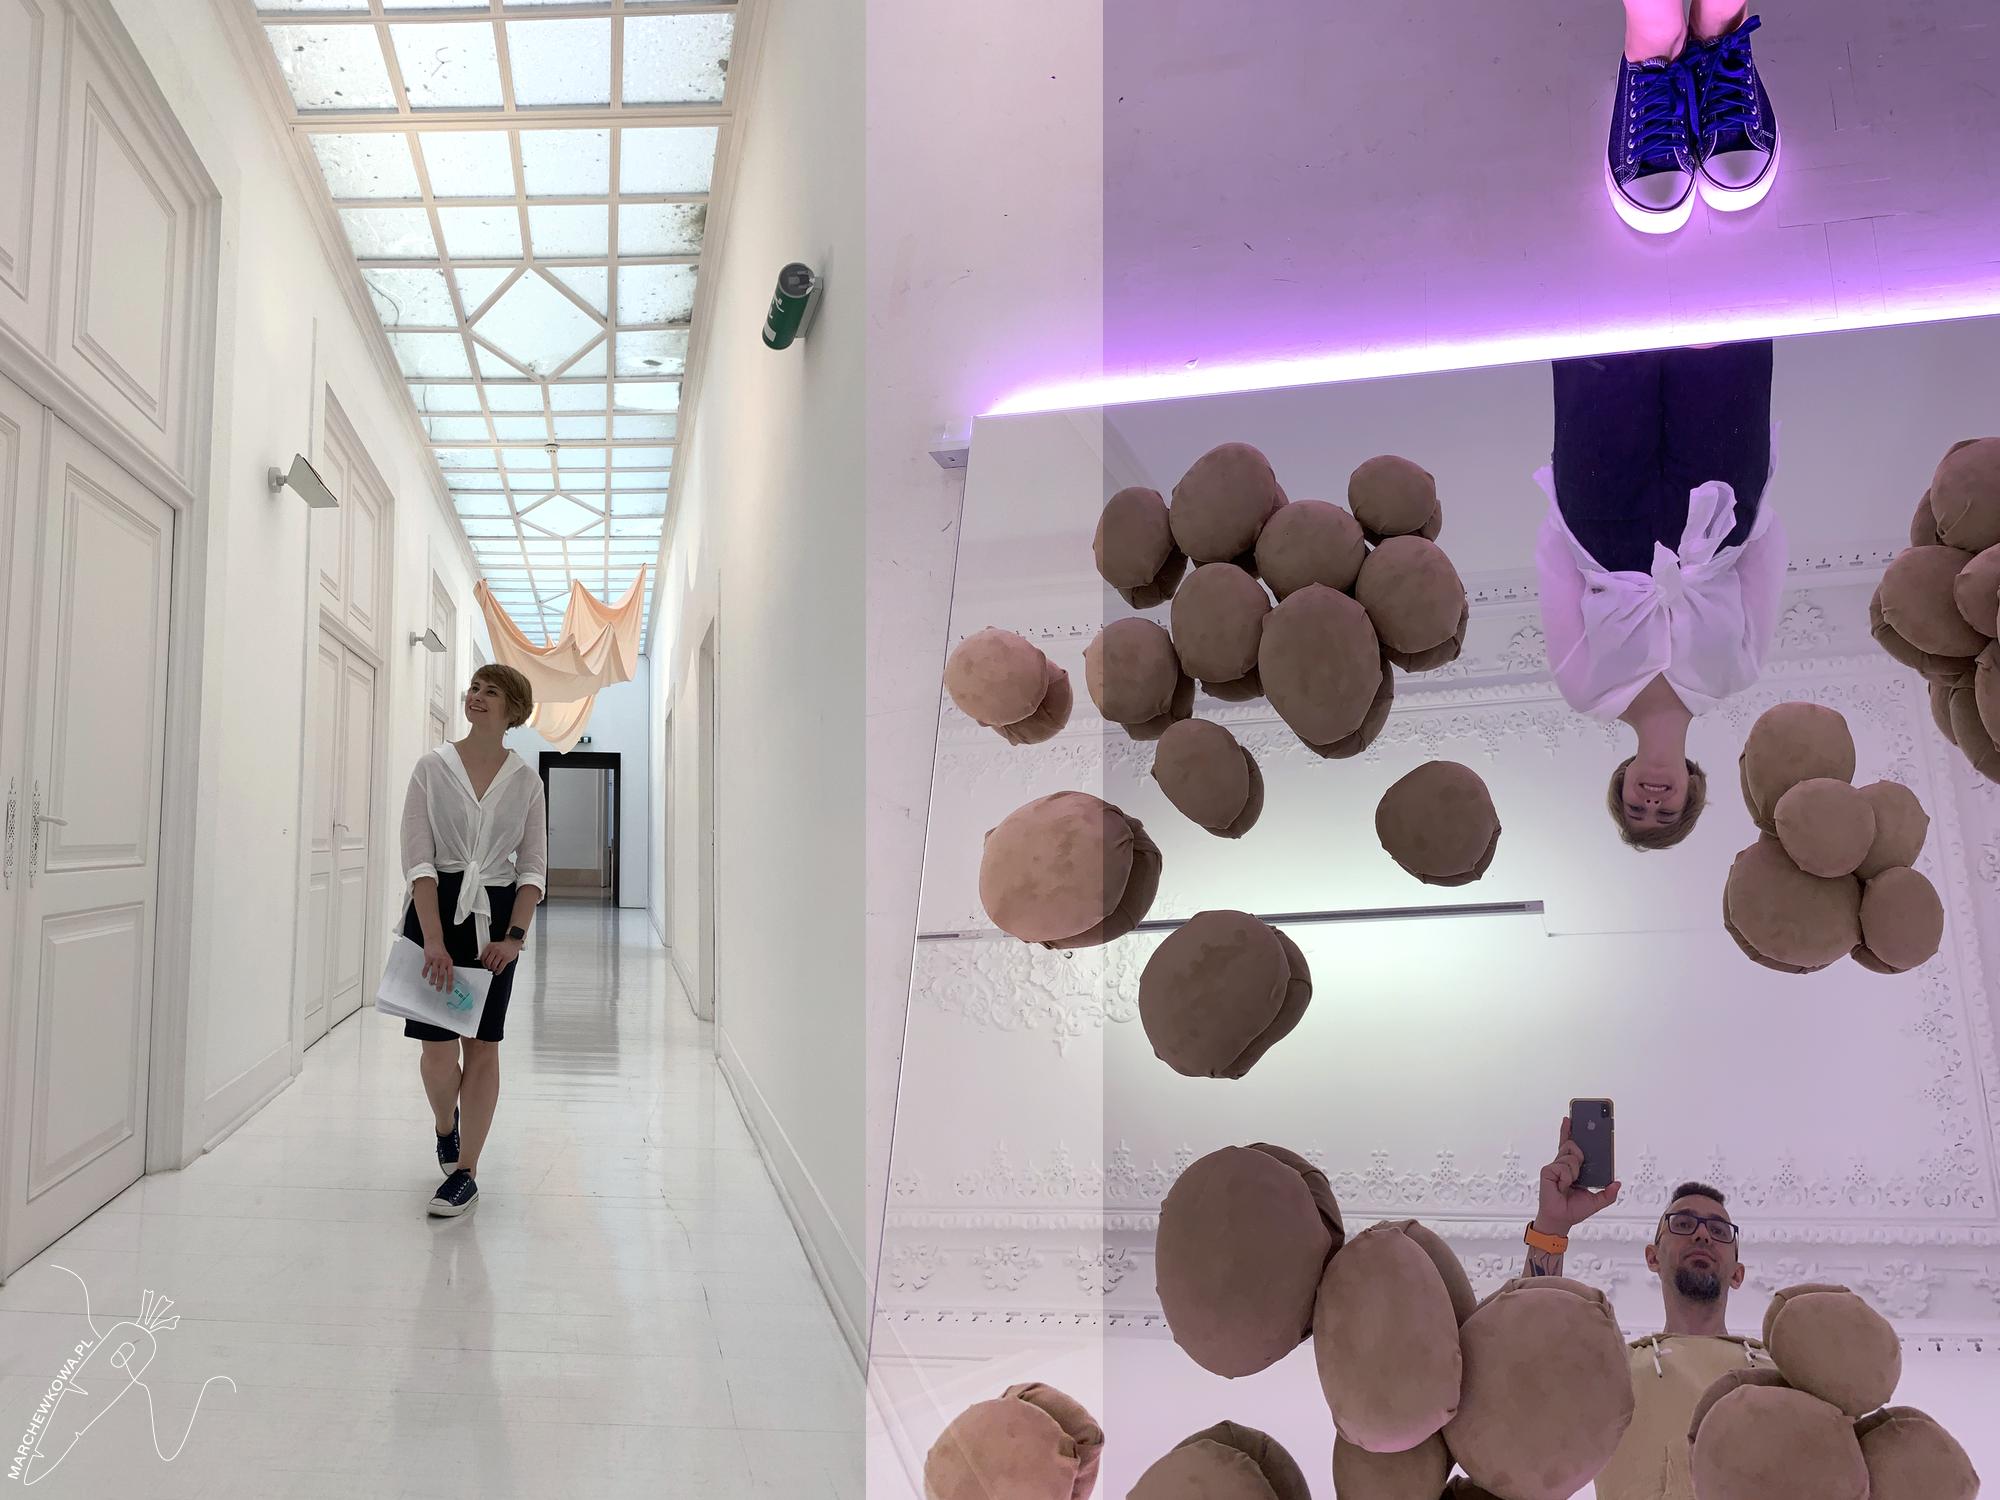 marchewkowa, blog, podróże, urlop, wakacje, Portugalia, Lizbona, Mouraria, fado, travel, Lisboa, Museu Nacional de Arte Contemporânea do Chiado